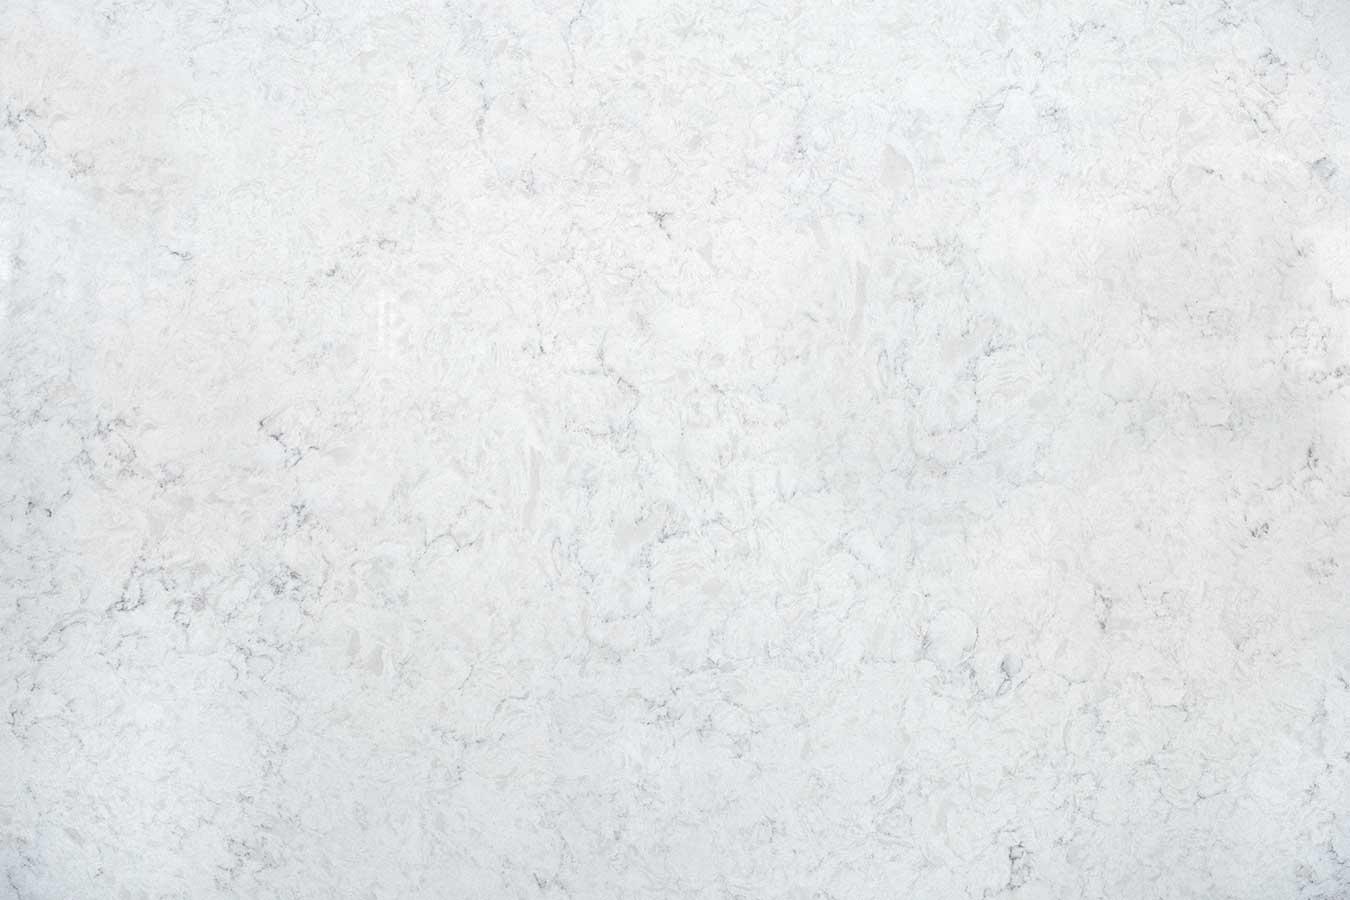 Bianco Venezia Quartz slab